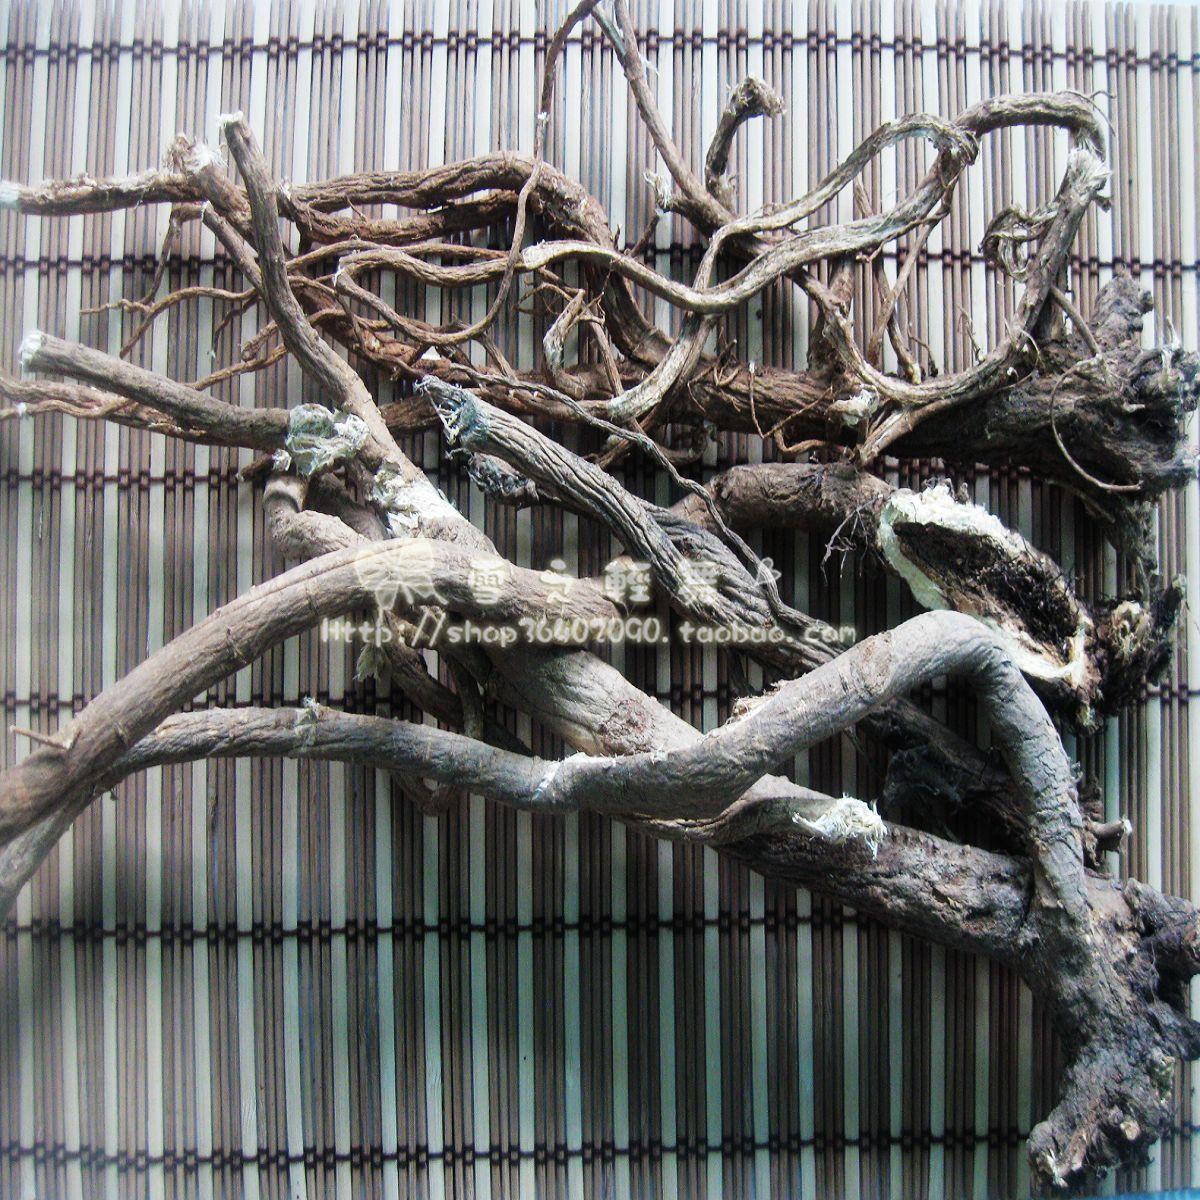 野生黄芪根北芪大兴安岭原始林地采挖散装黑龙江省其他土特产